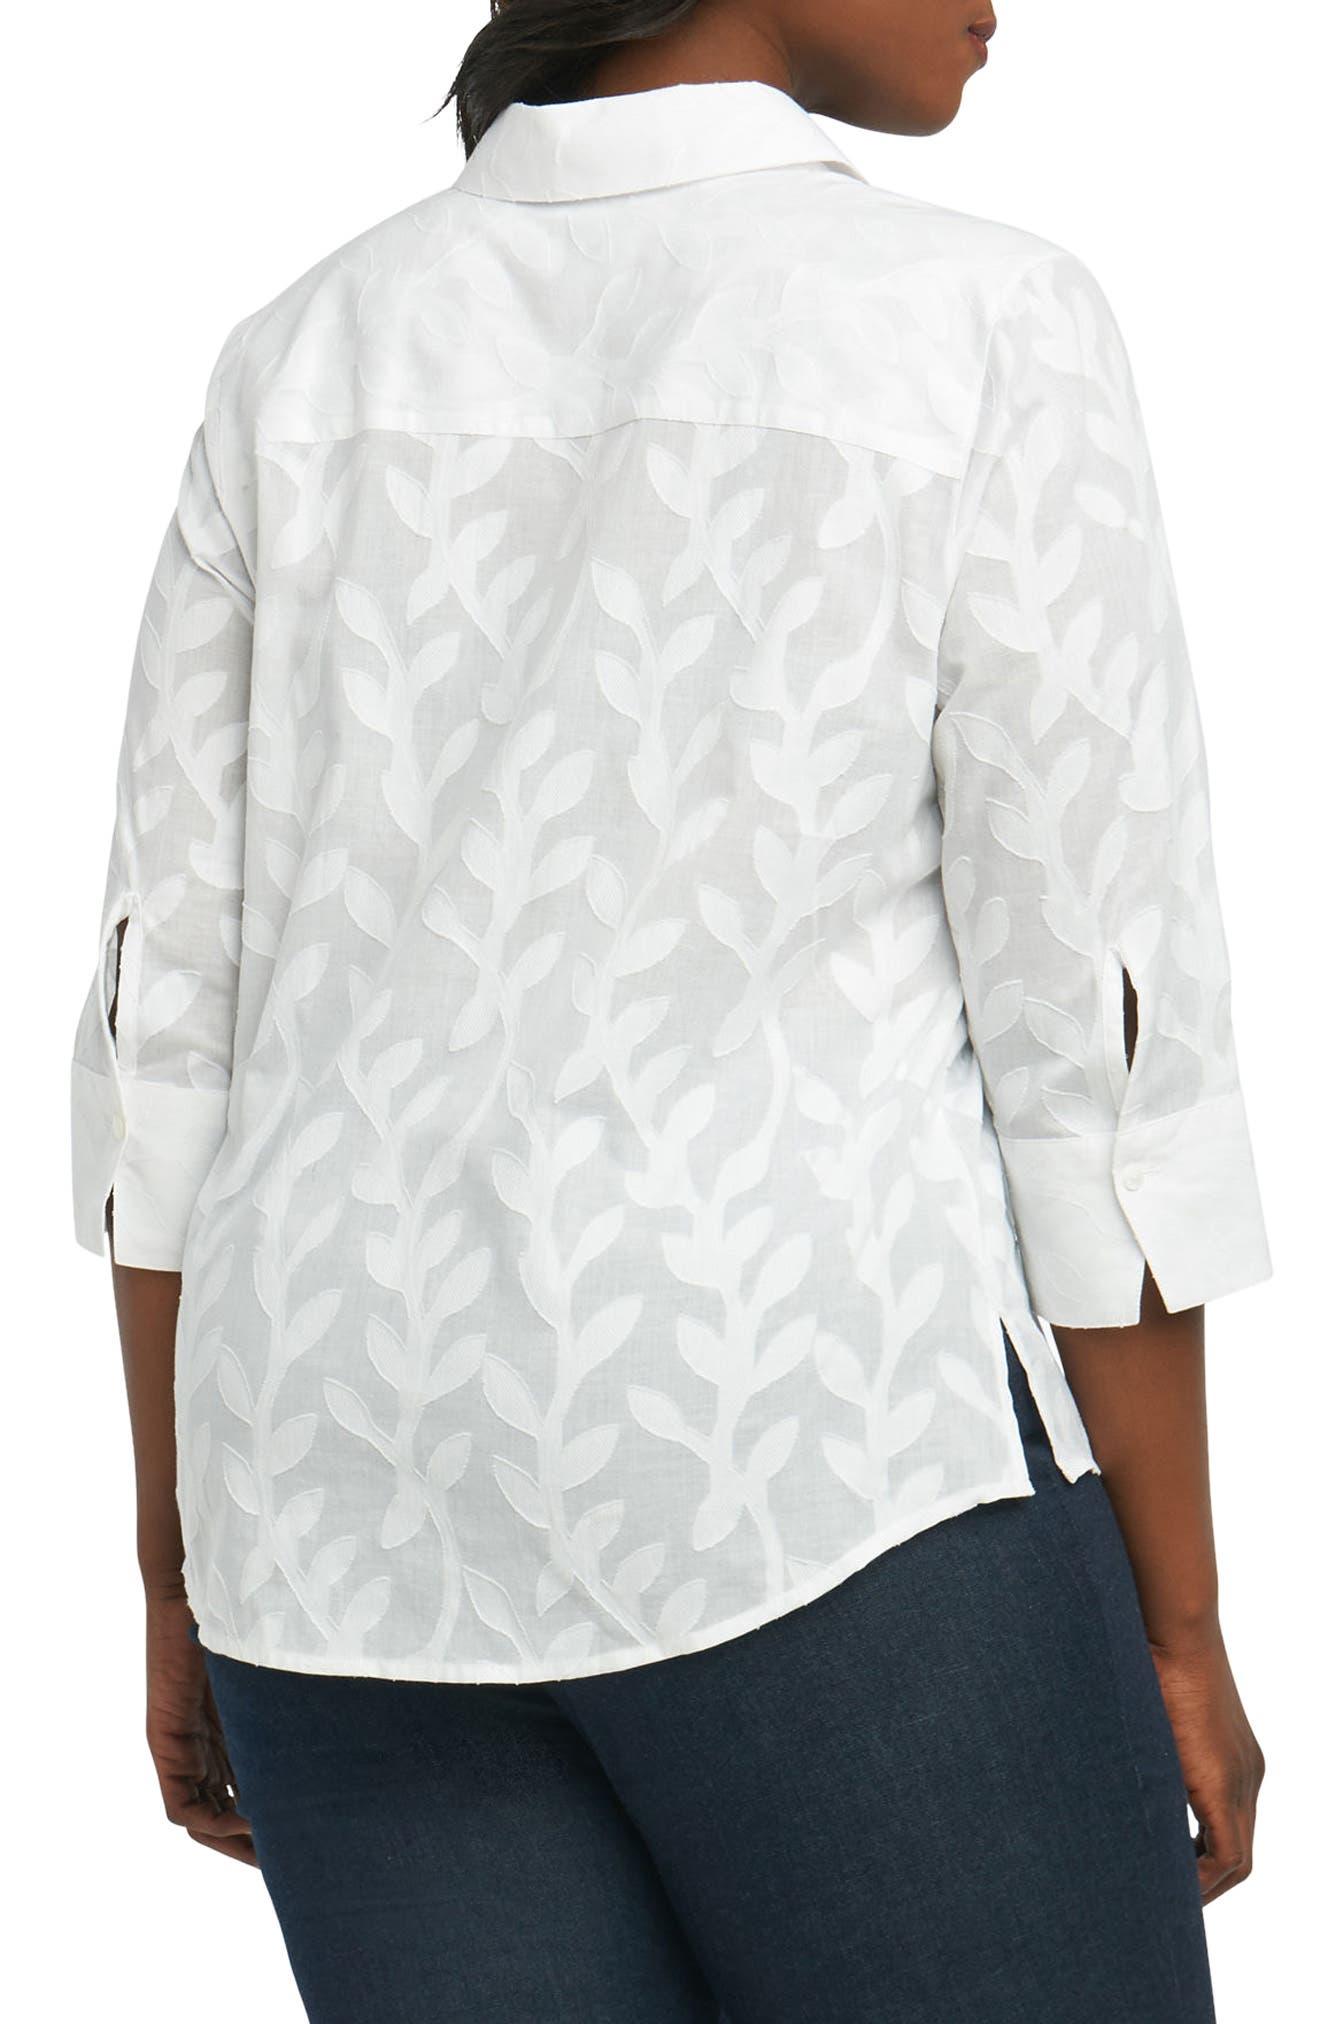 Mary Palm Jacquard Shirt,                             Alternate thumbnail 2, color,                             White